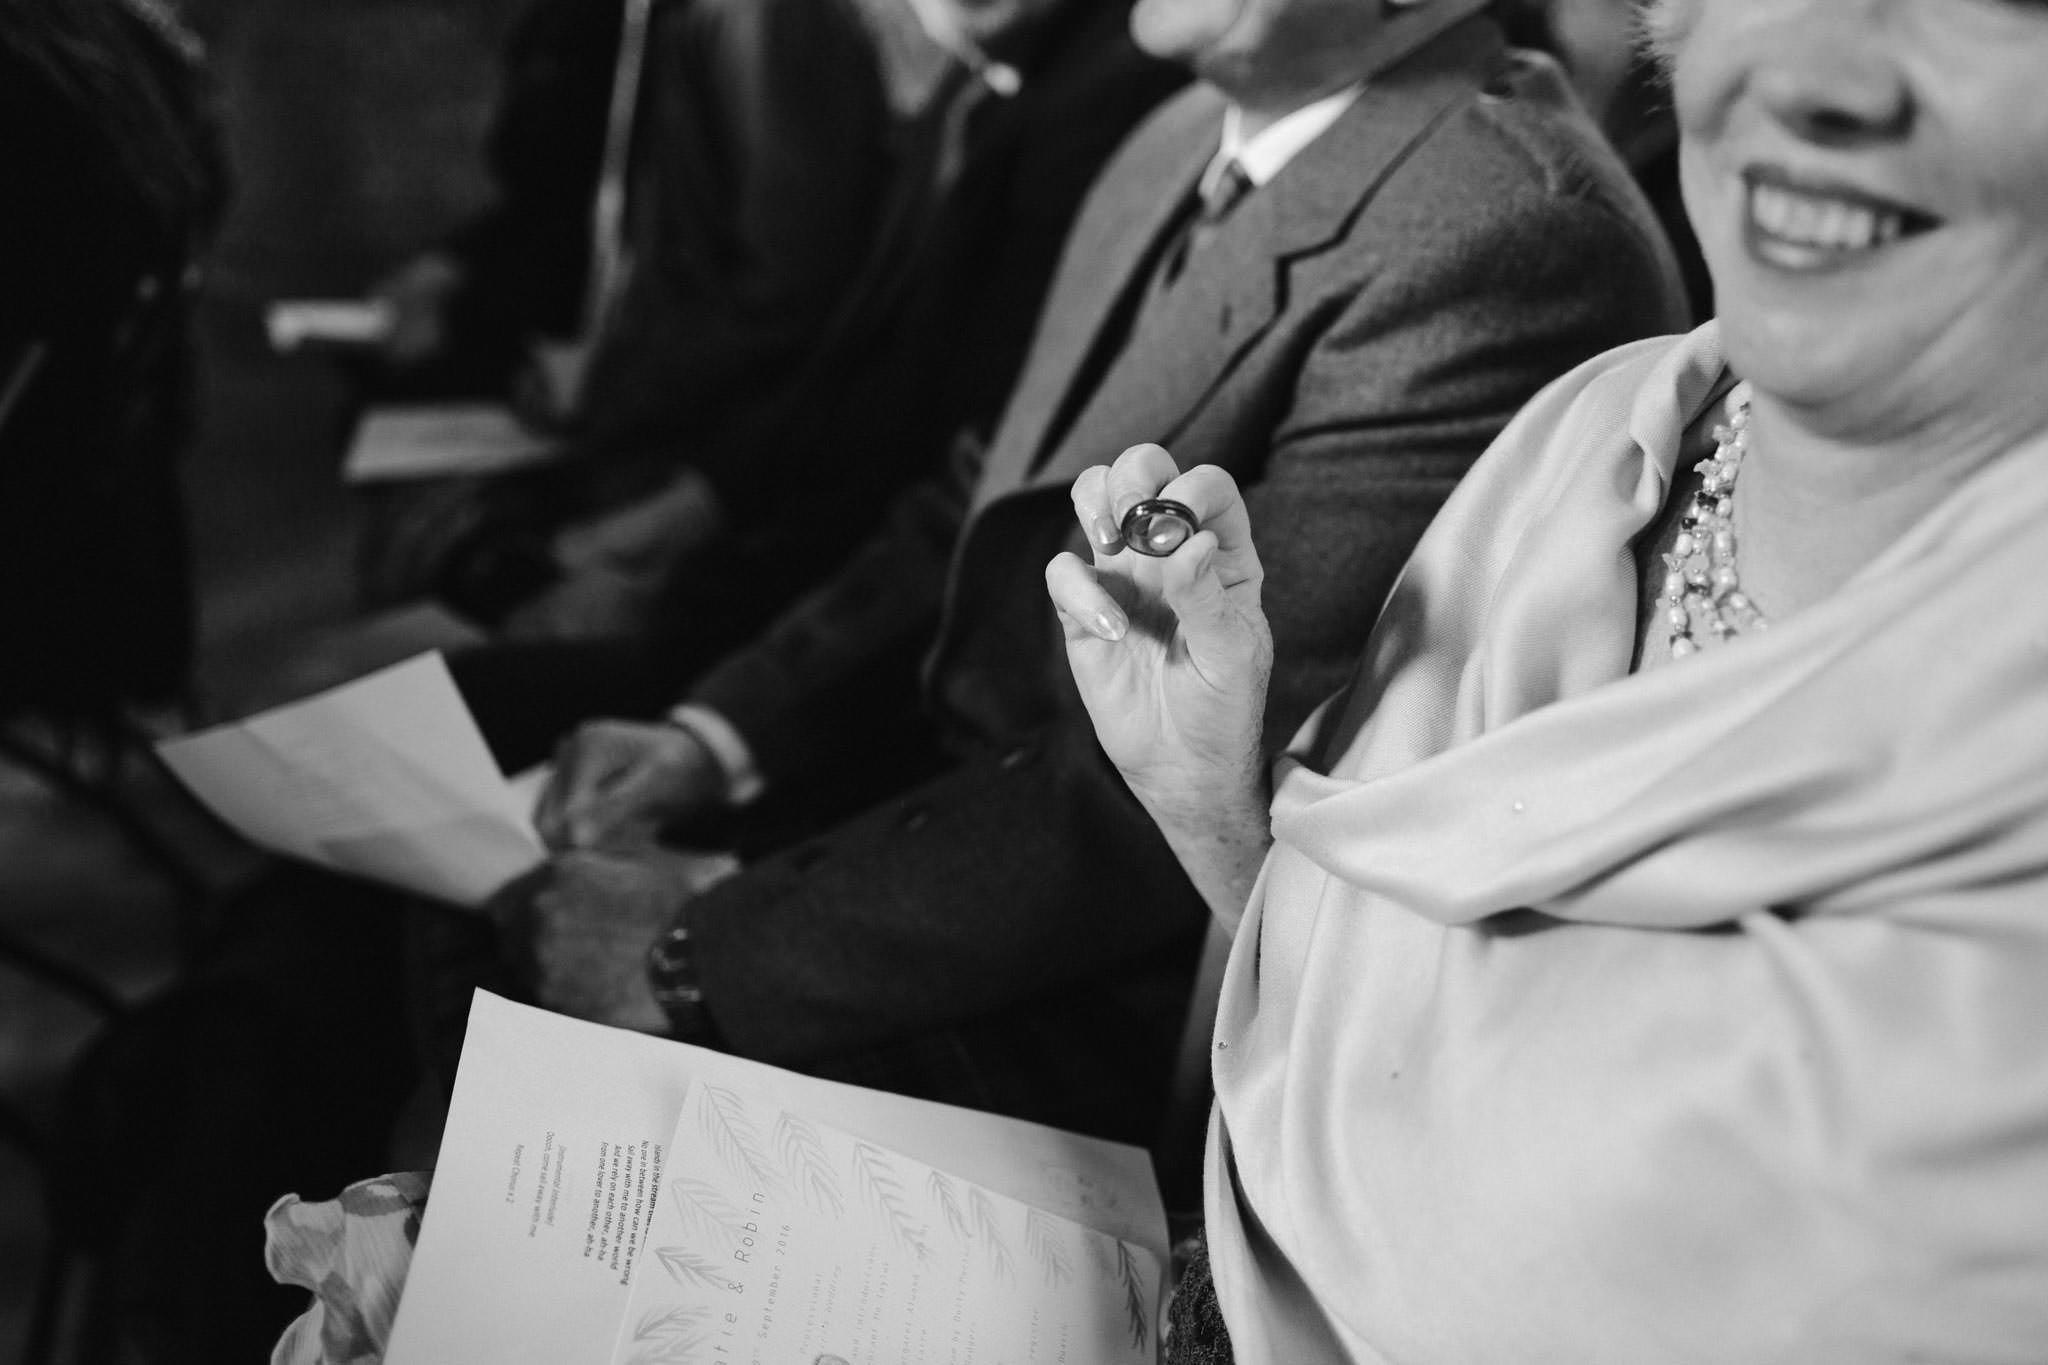 scottish-wedding-photography-056